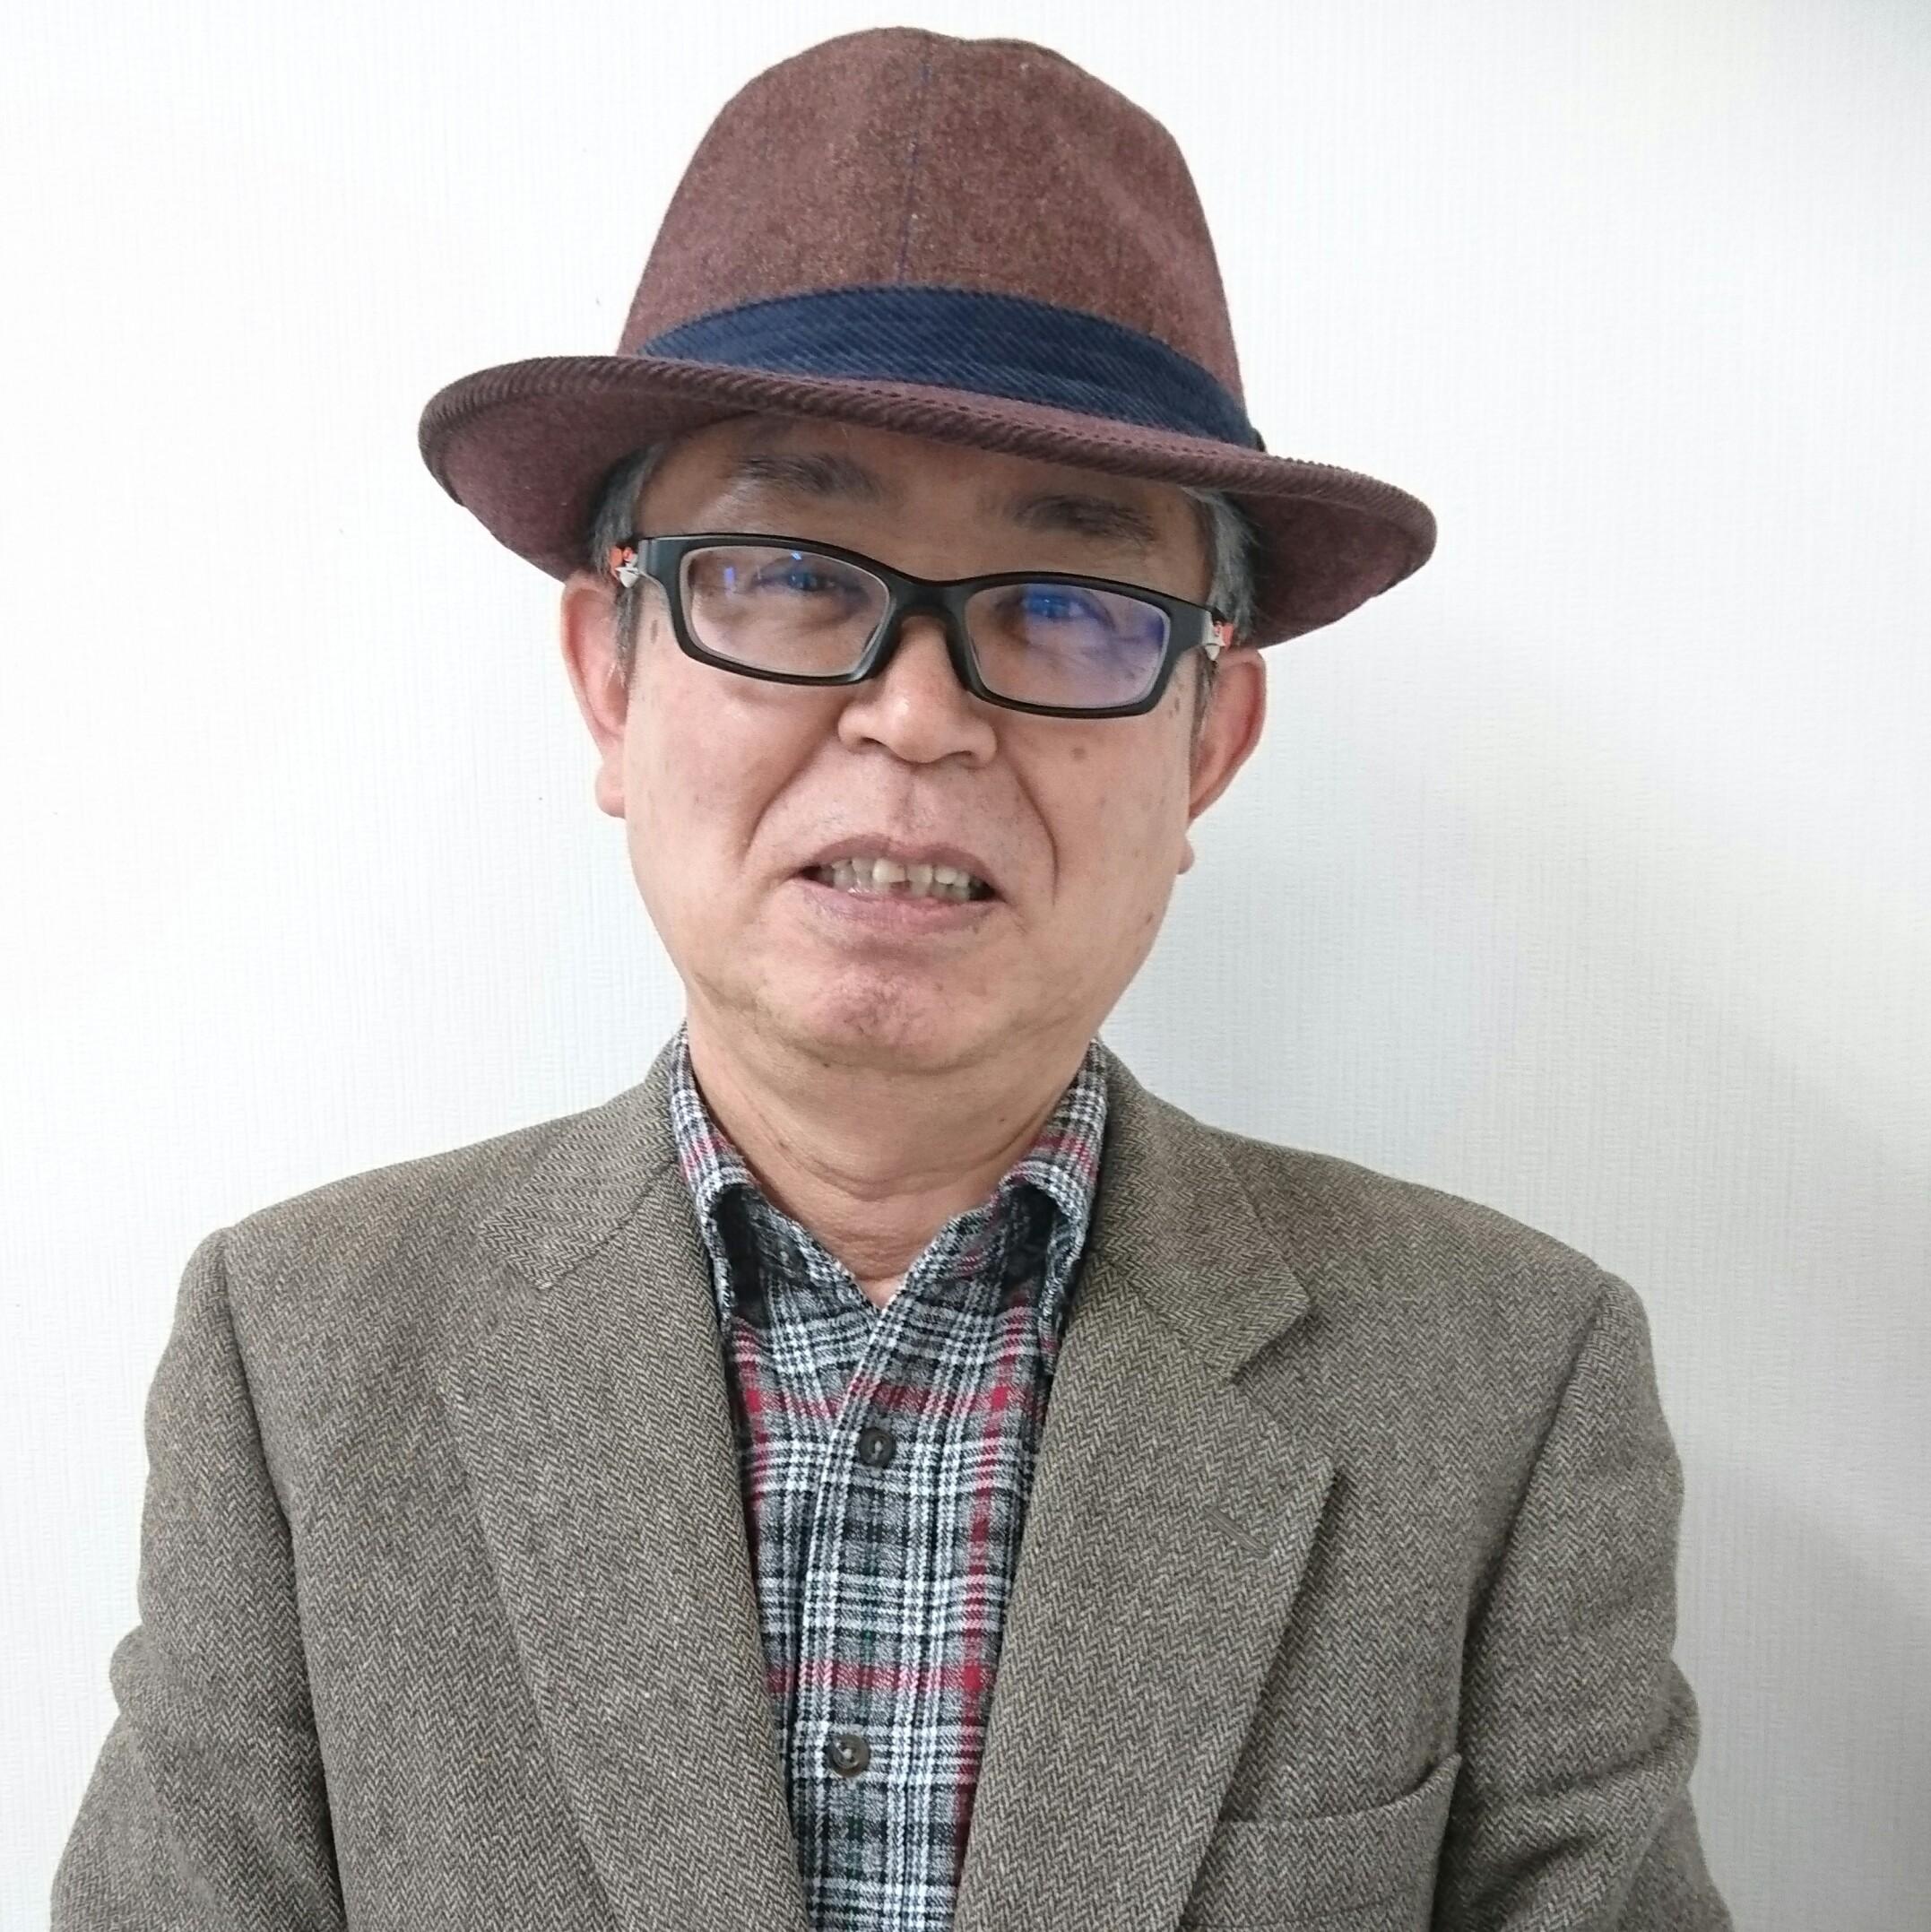 尾場瀬税理士事務所 代表 尾場瀬輝雄